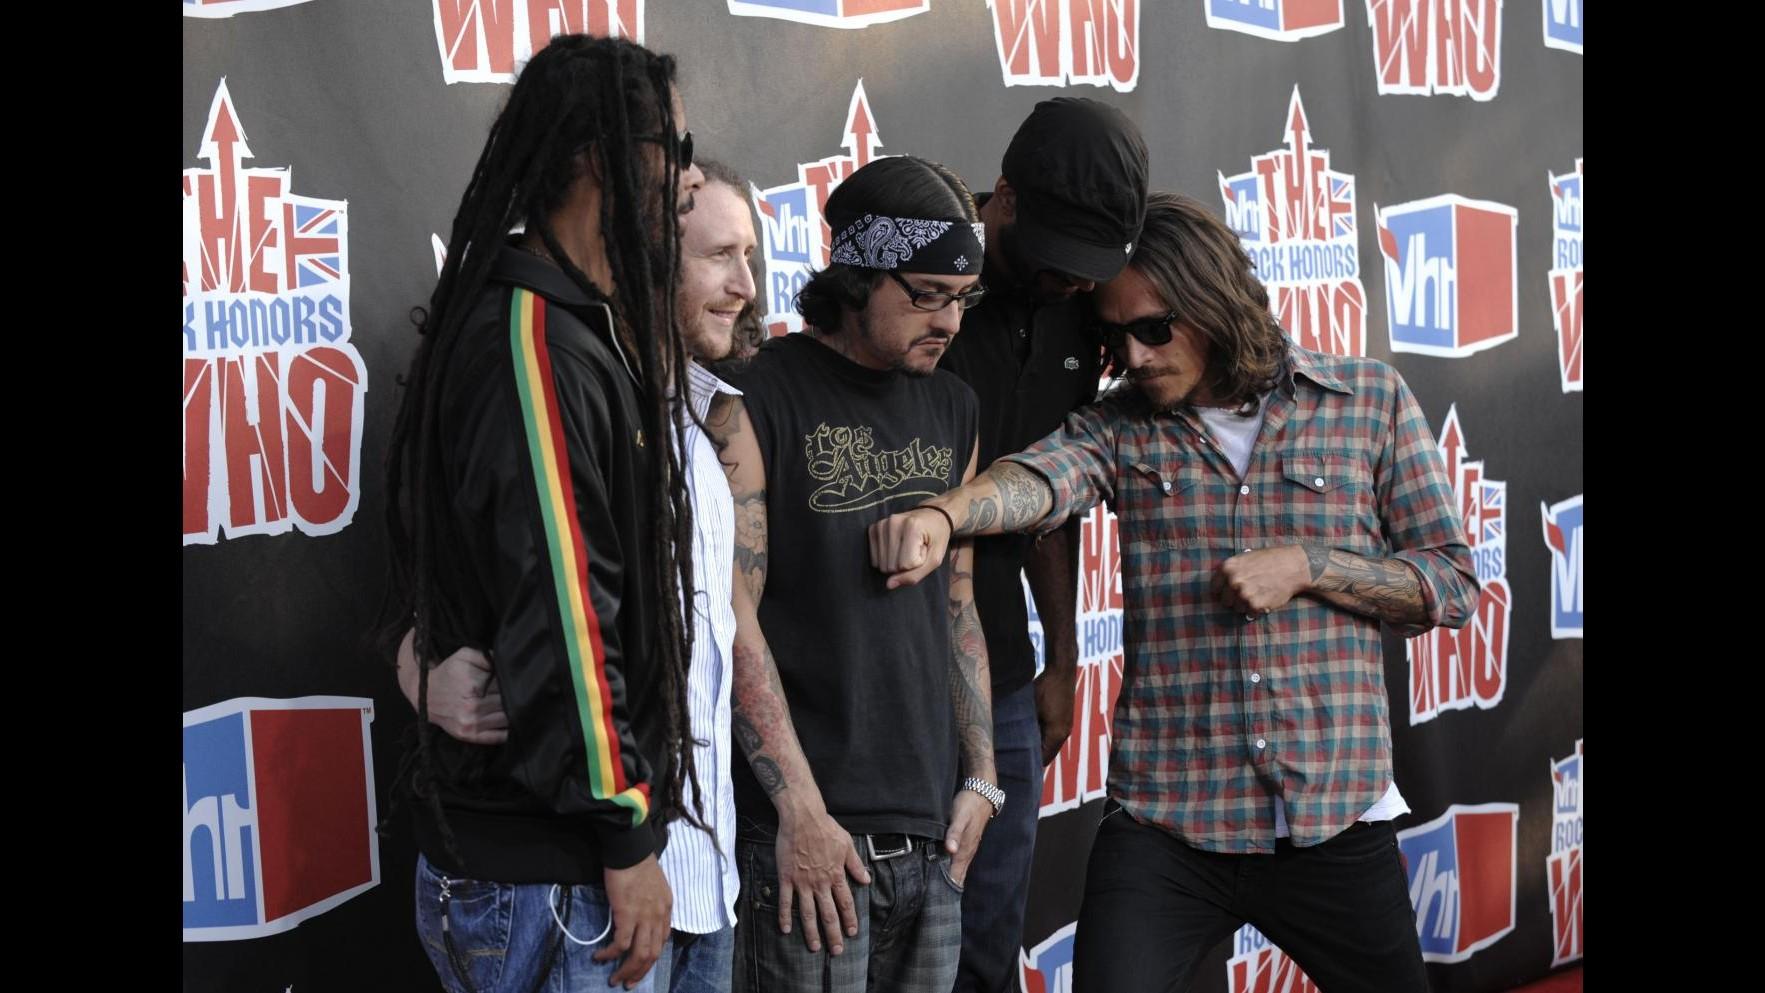 Dopo Kravitz, Cure e Radiohead, al Rock in Roma arrivano gli Incubus